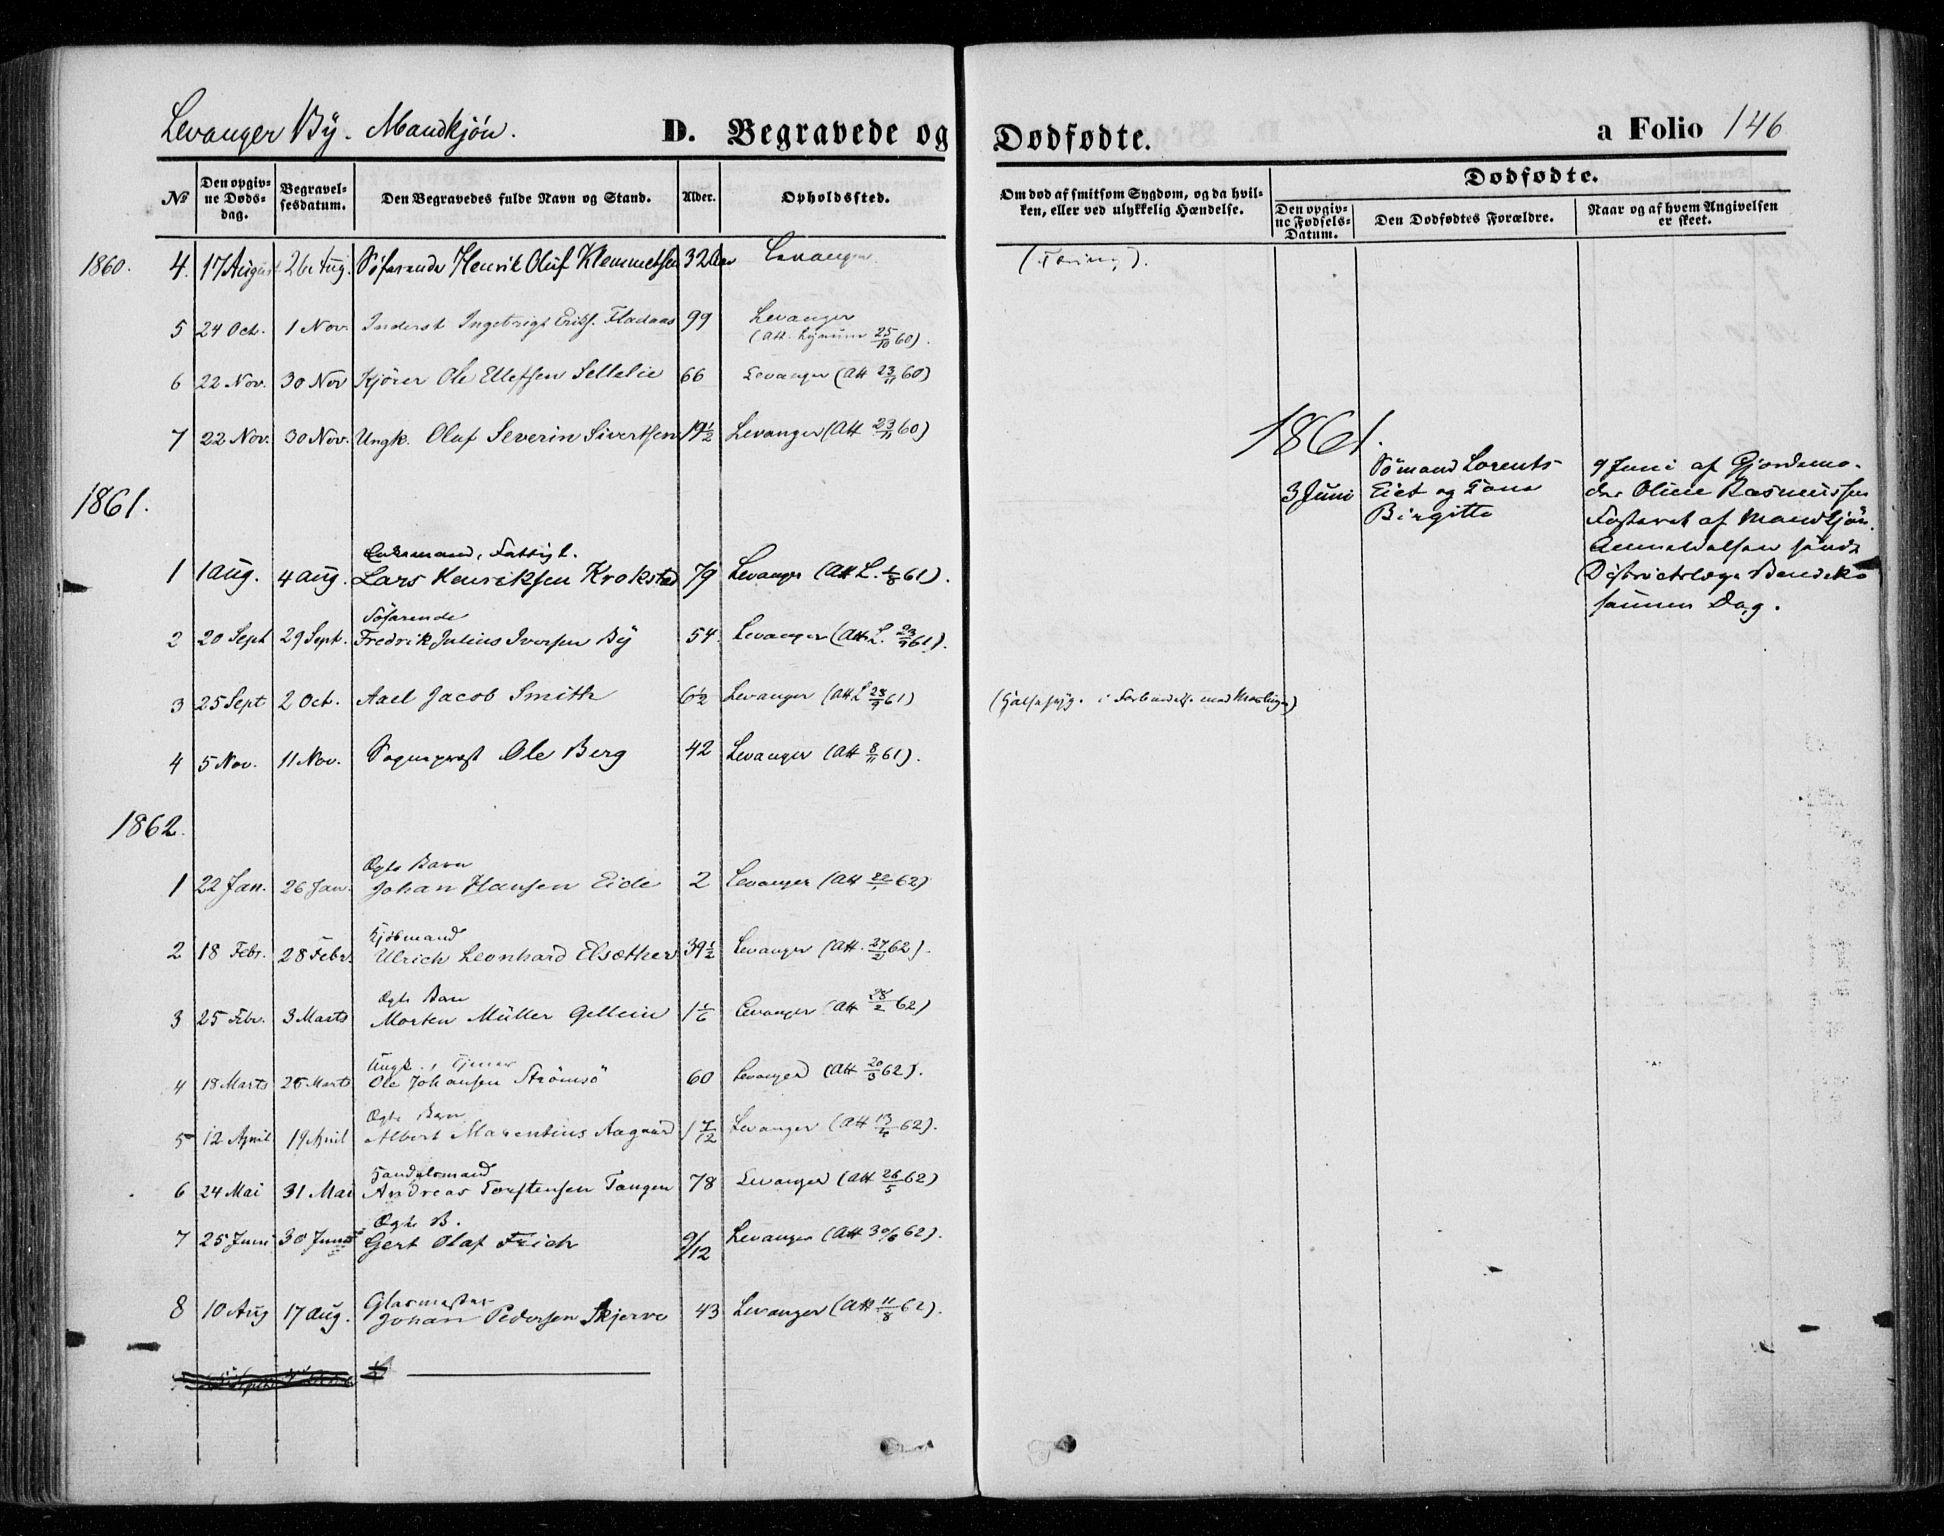 SAT, Ministerialprotokoller, klokkerbøker og fødselsregistre - Nord-Trøndelag, 720/L0184: Ministerialbok nr. 720A02 /1, 1855-1863, s. 146